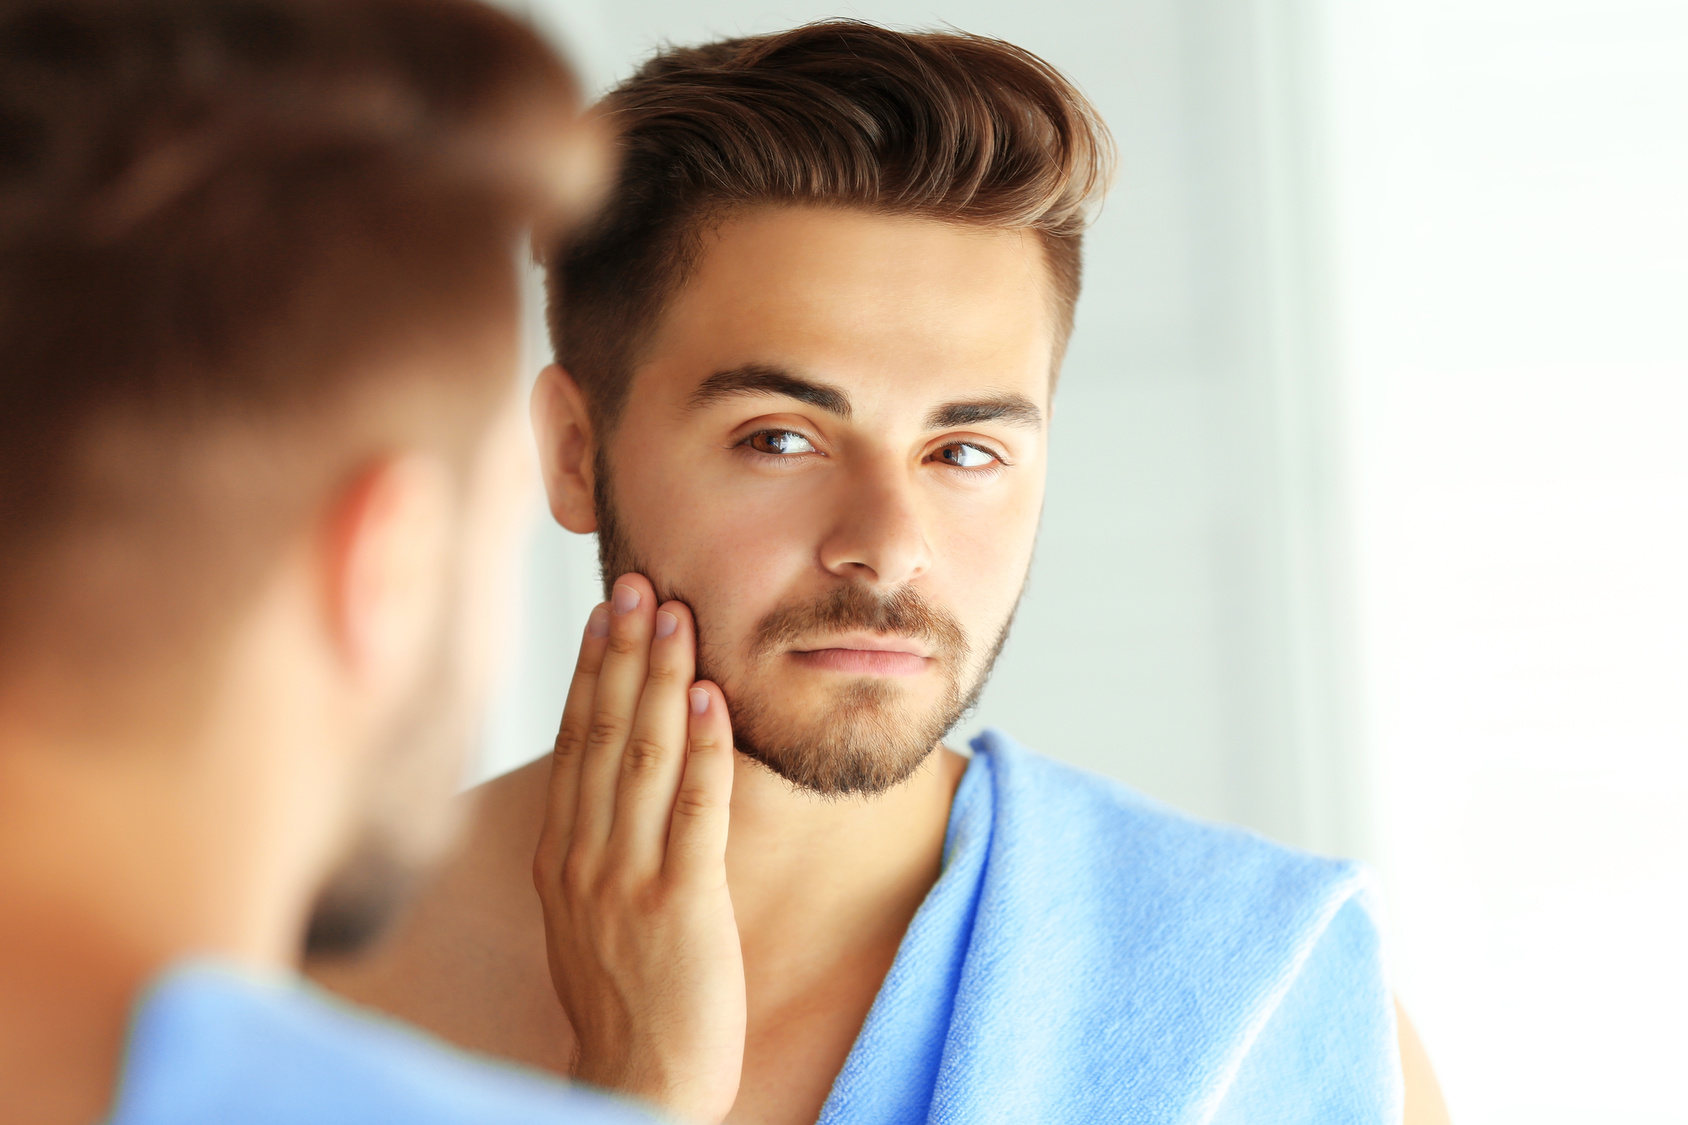 毎日のヒゲ剃り・・・年間でかかる費用は一体いくら?!ヒゲ脱毛費用と比べてみました。